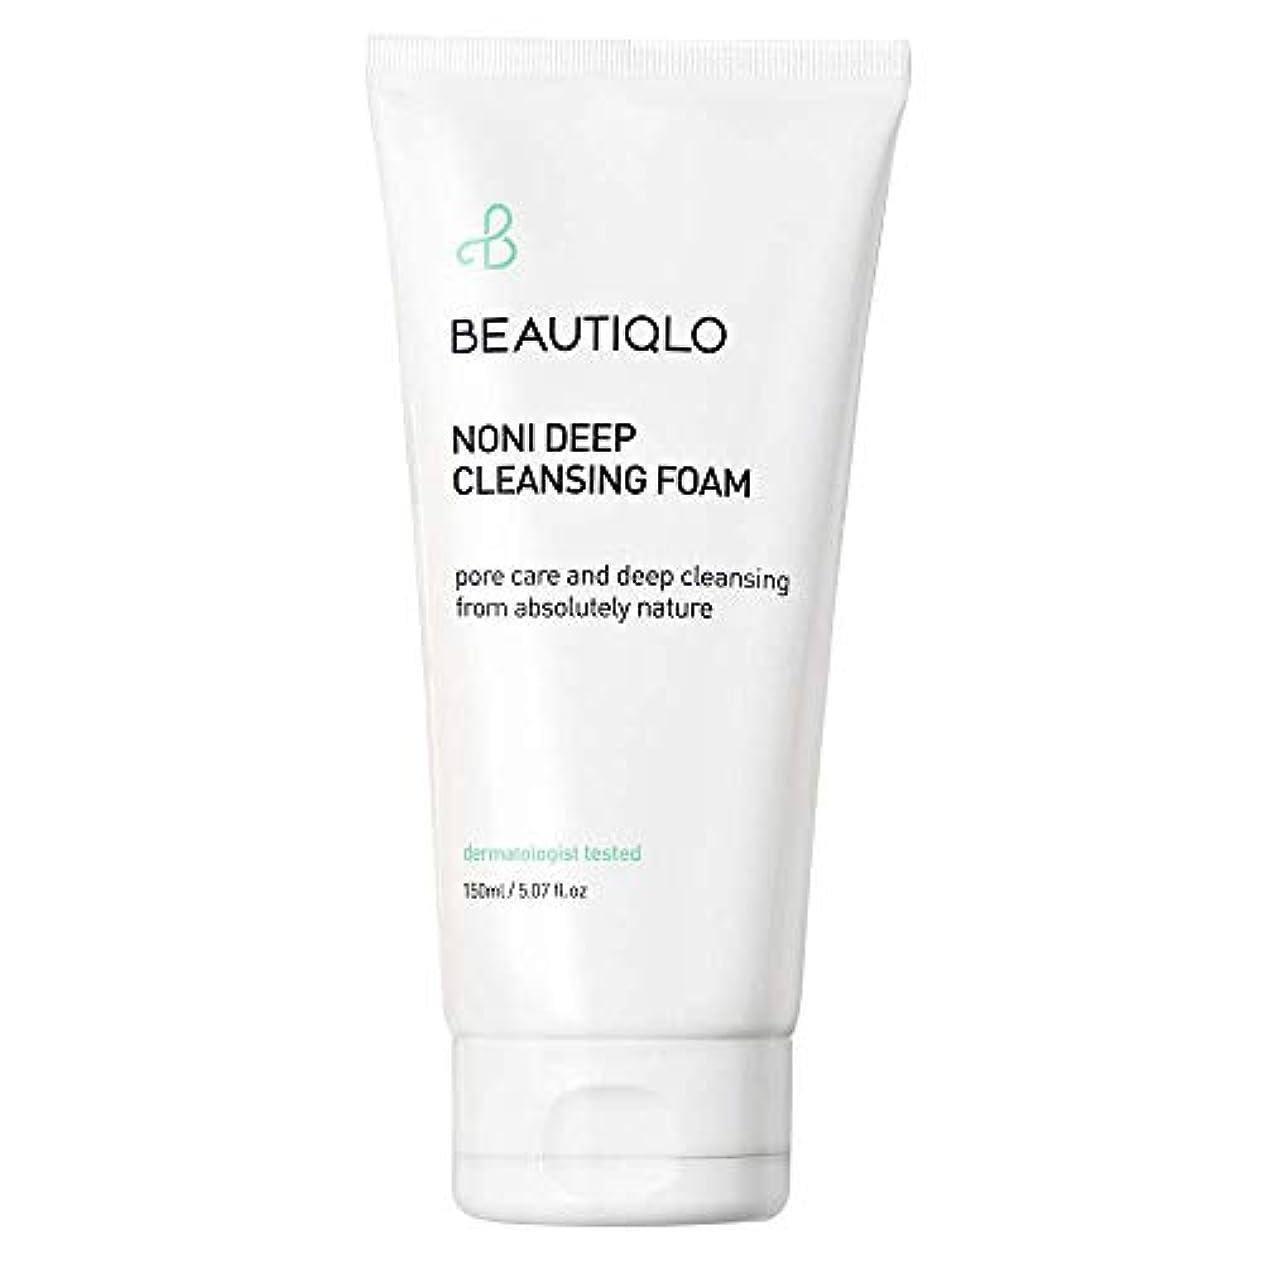 適応するセレナ前にBEAUTIQLO ノニディープクレンジングフォーム ノニ スキンケア 敏感肌